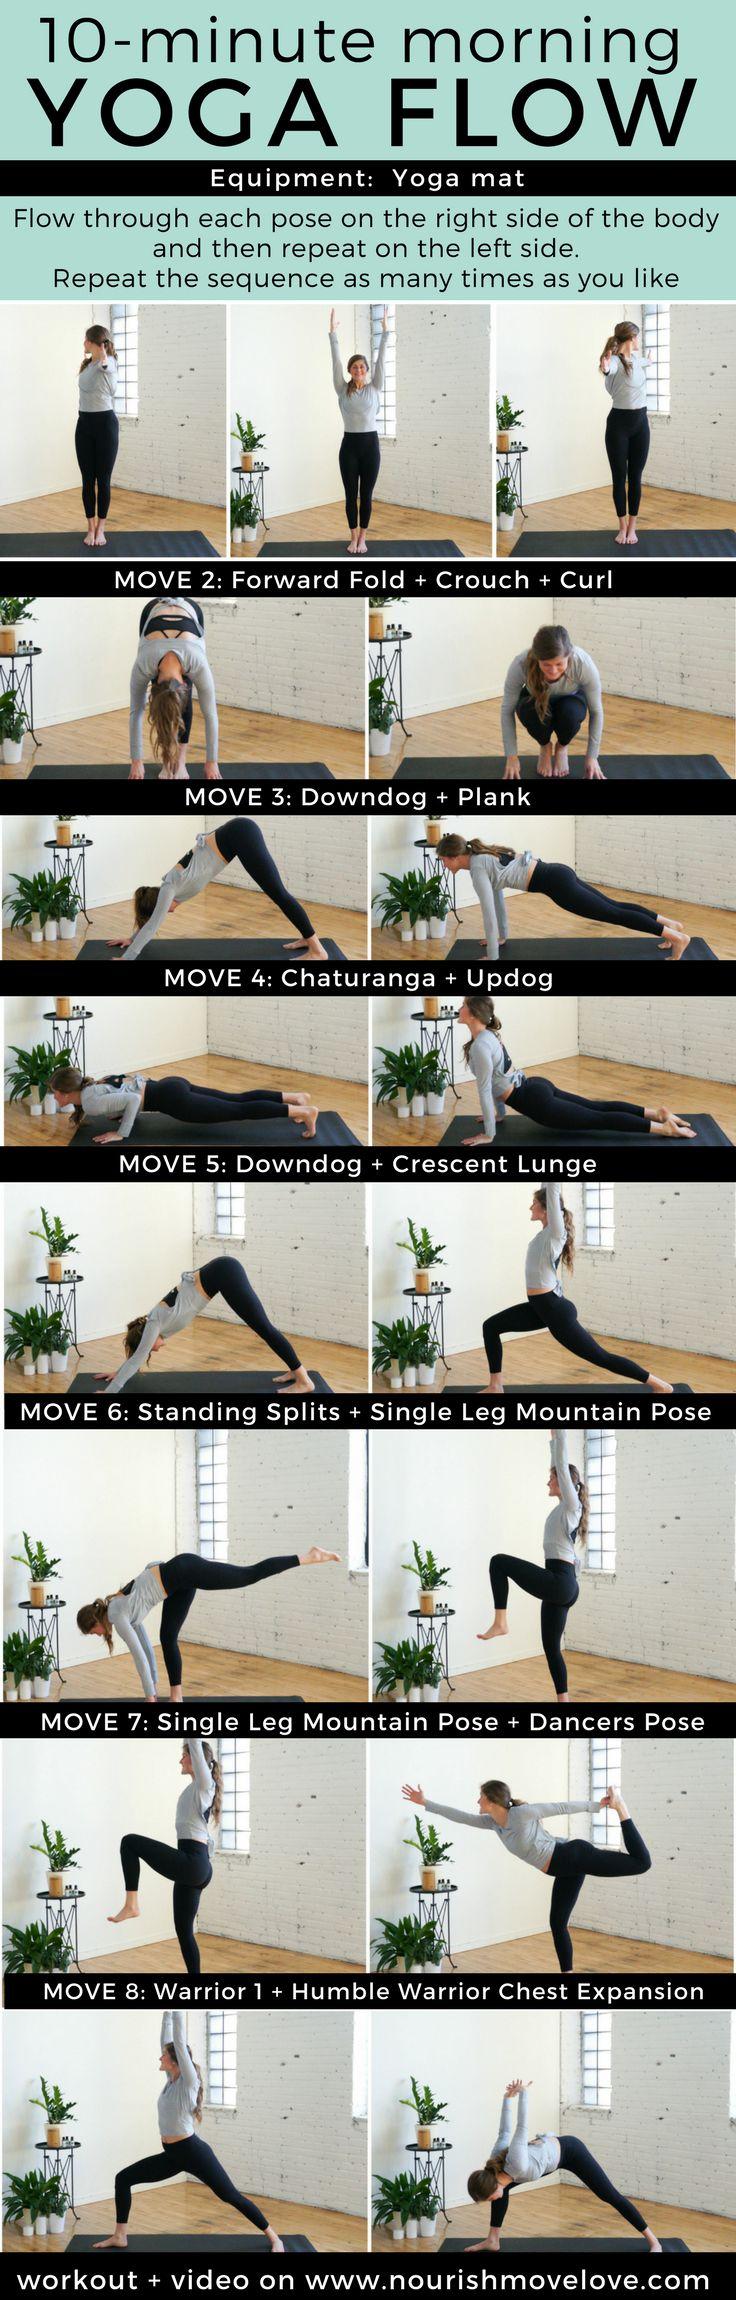 10-Minute Morning Yoga Flow for Beginners | www.nourishmovelove.com